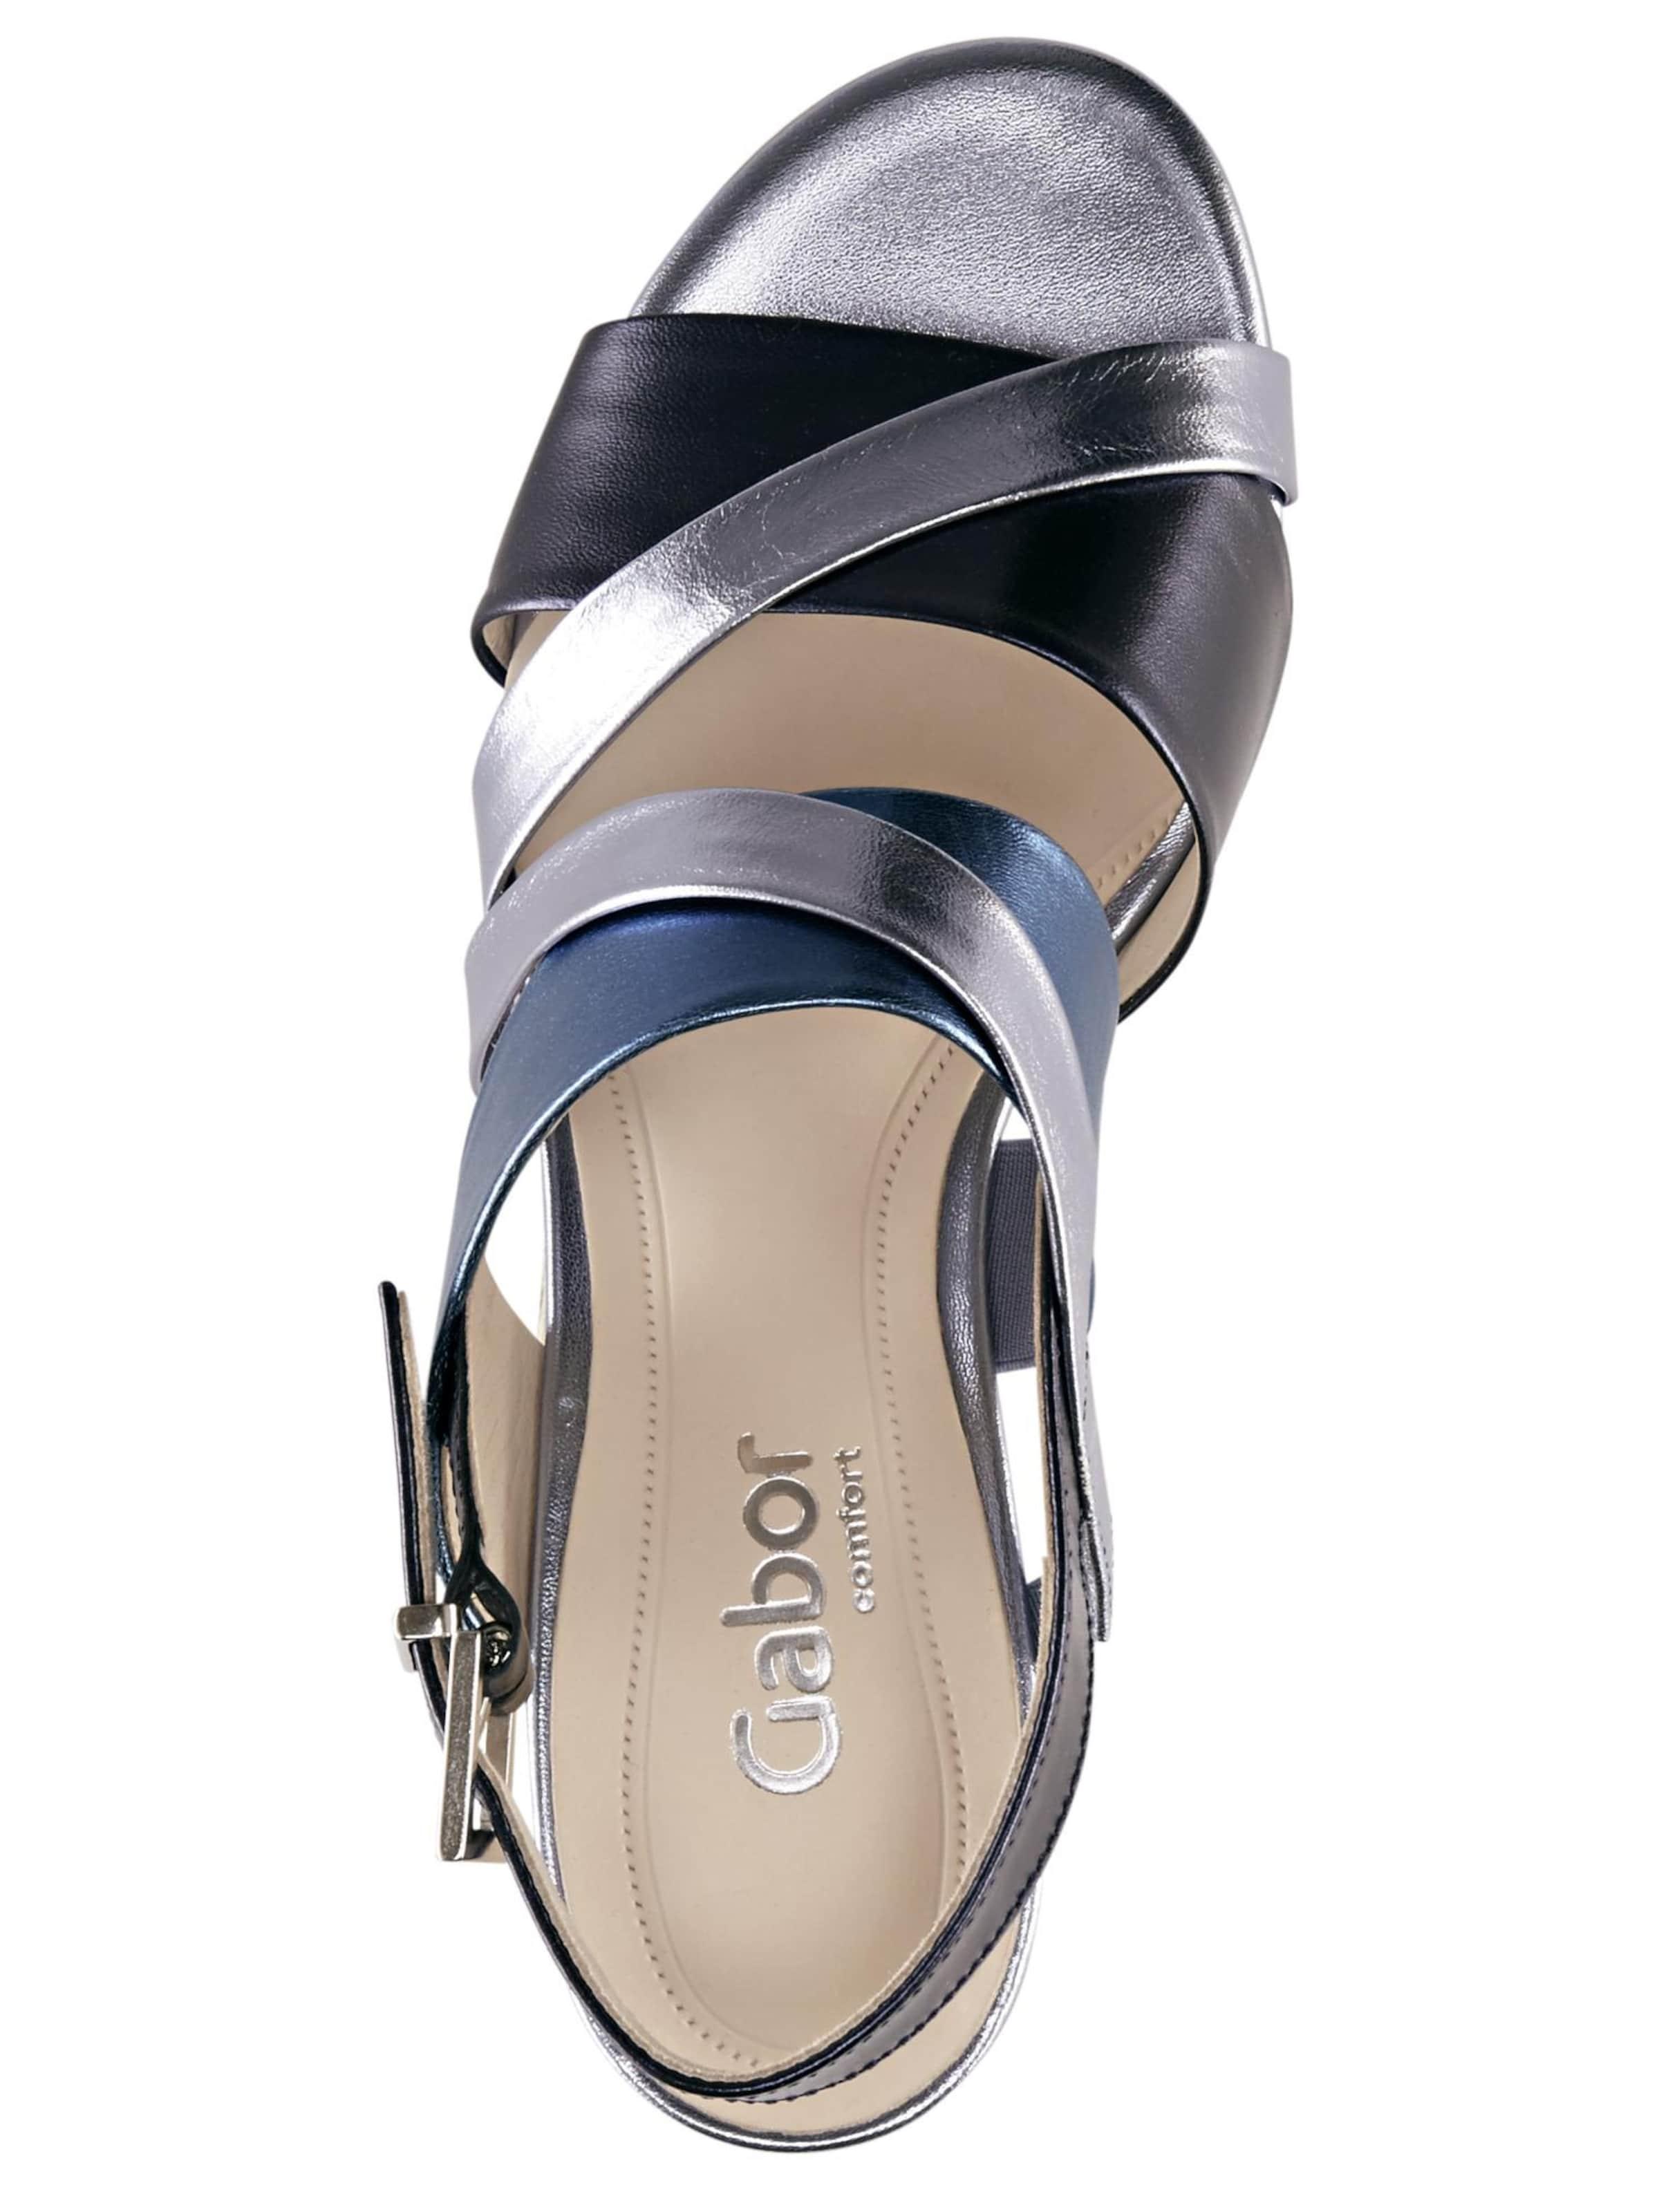 Silber Gabor Sandalette Sandalette BlauNavy Silber BlauNavy In In Gabor nO80vNwm